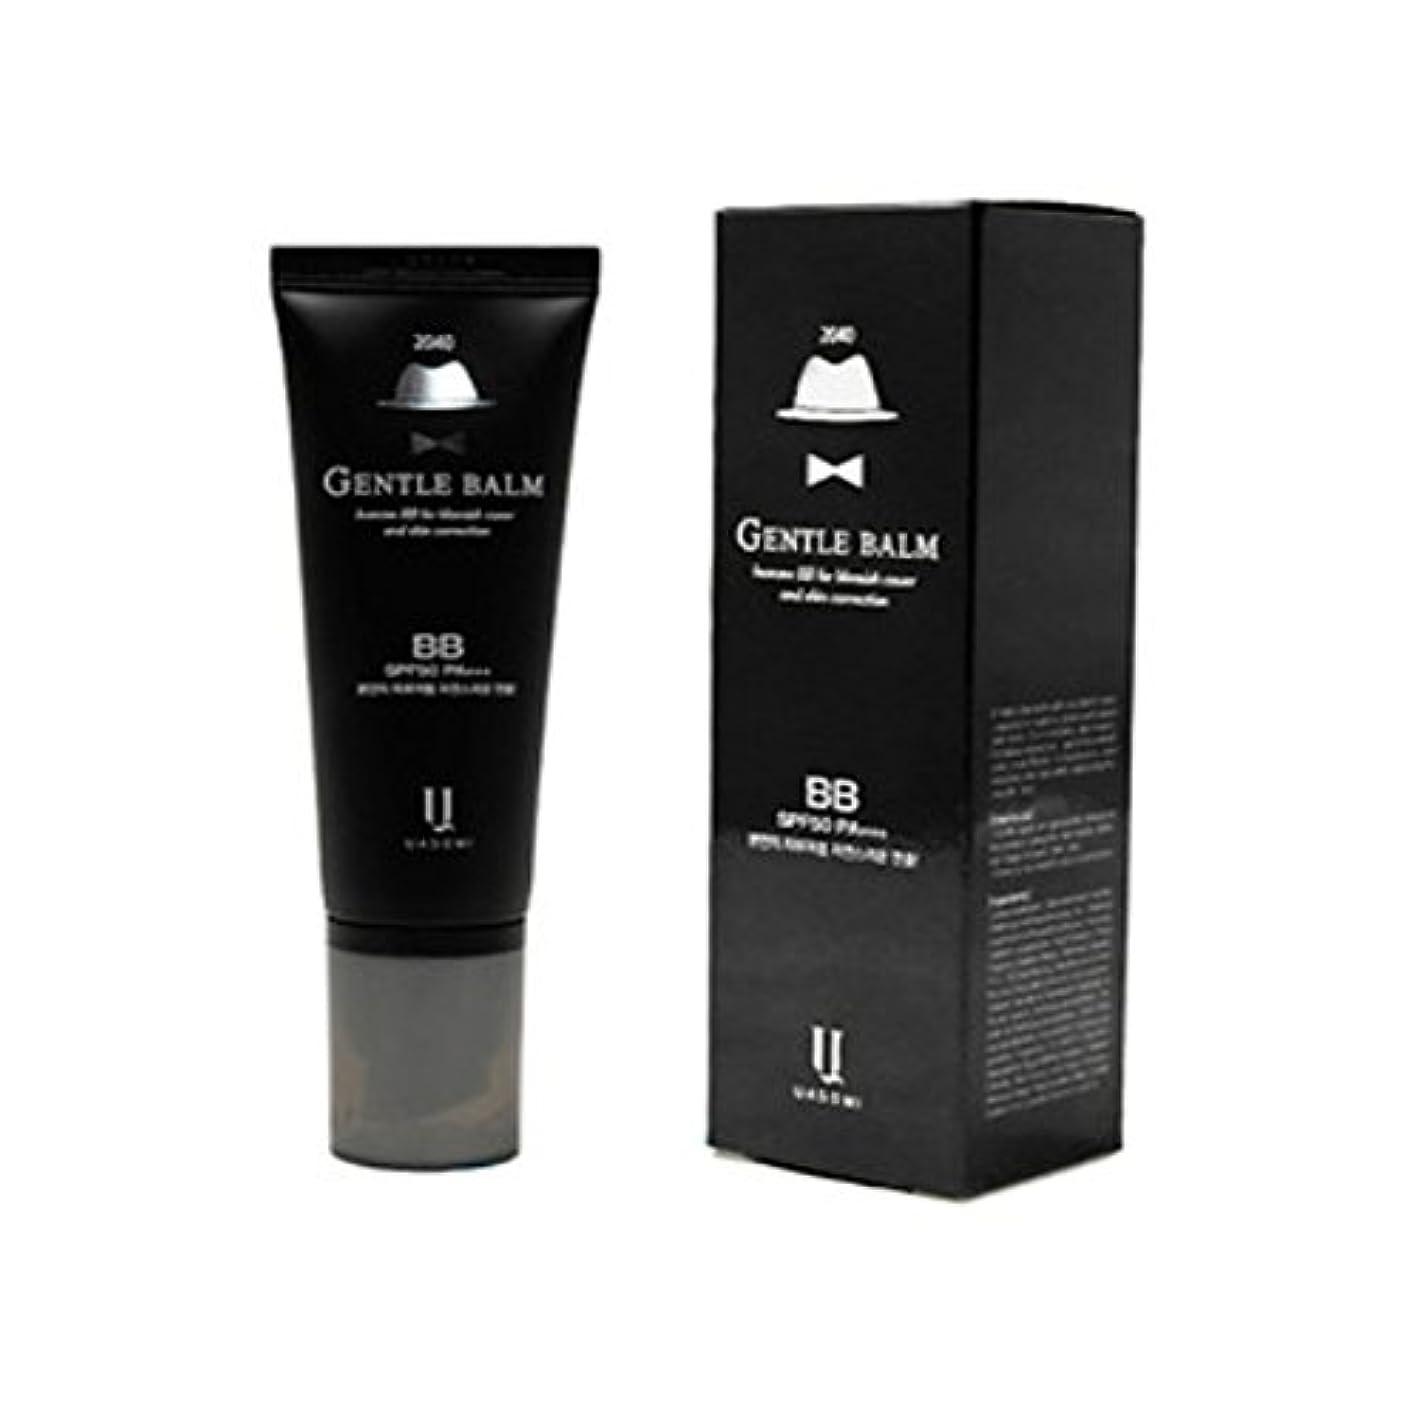 ボーダーモンキーじゃない(男 BB クリーム 韓国 日焼け止め) homme 2040 BB for blemish cover and skin correction korea beauty Gentle bam SFP50 PA+++ (...